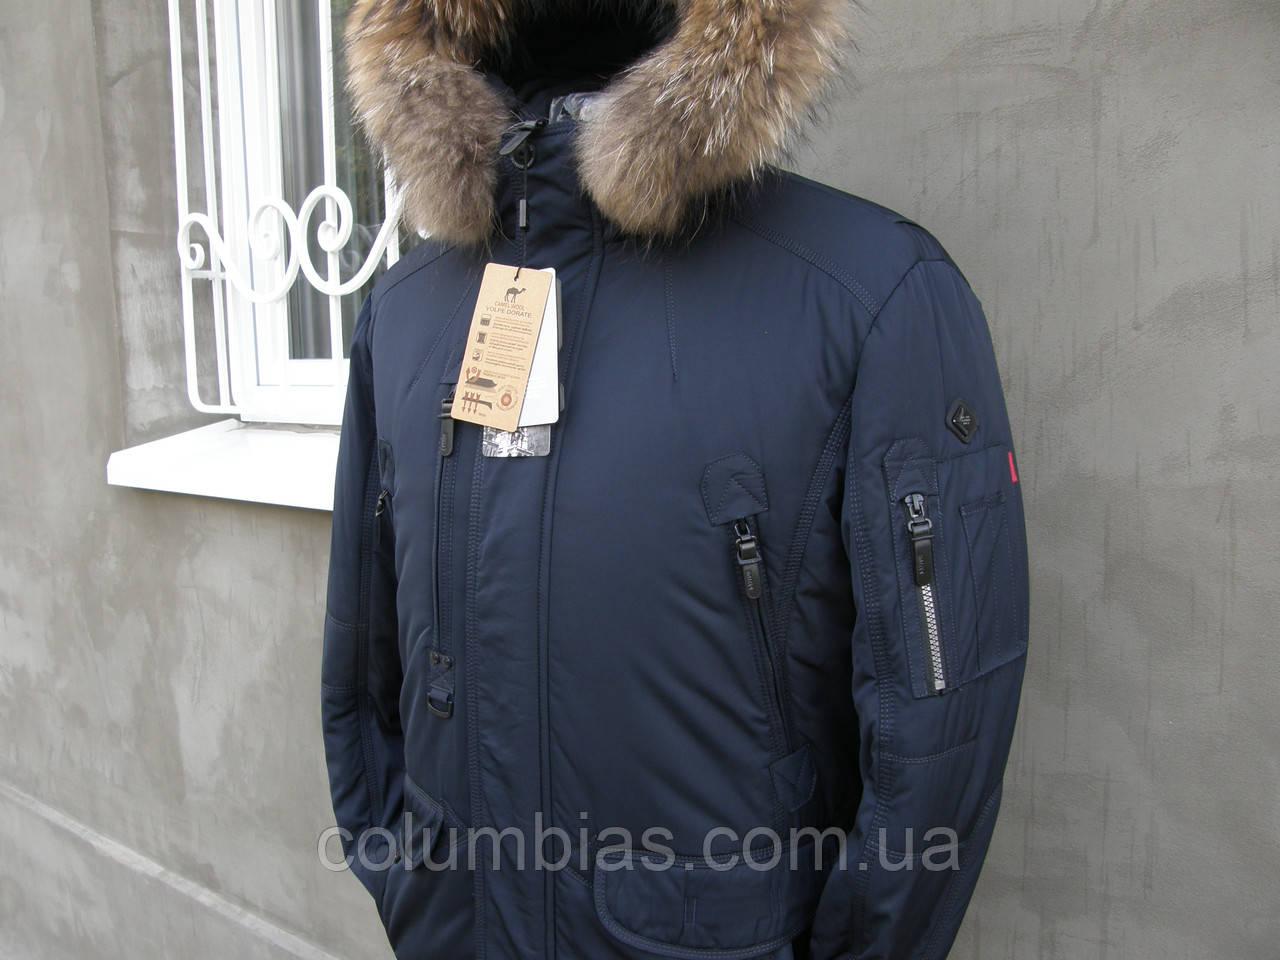 51c759e8889e Мужская зимняя куртка Польша - Весь ассортимент в наличии, звоните в любое  время т.